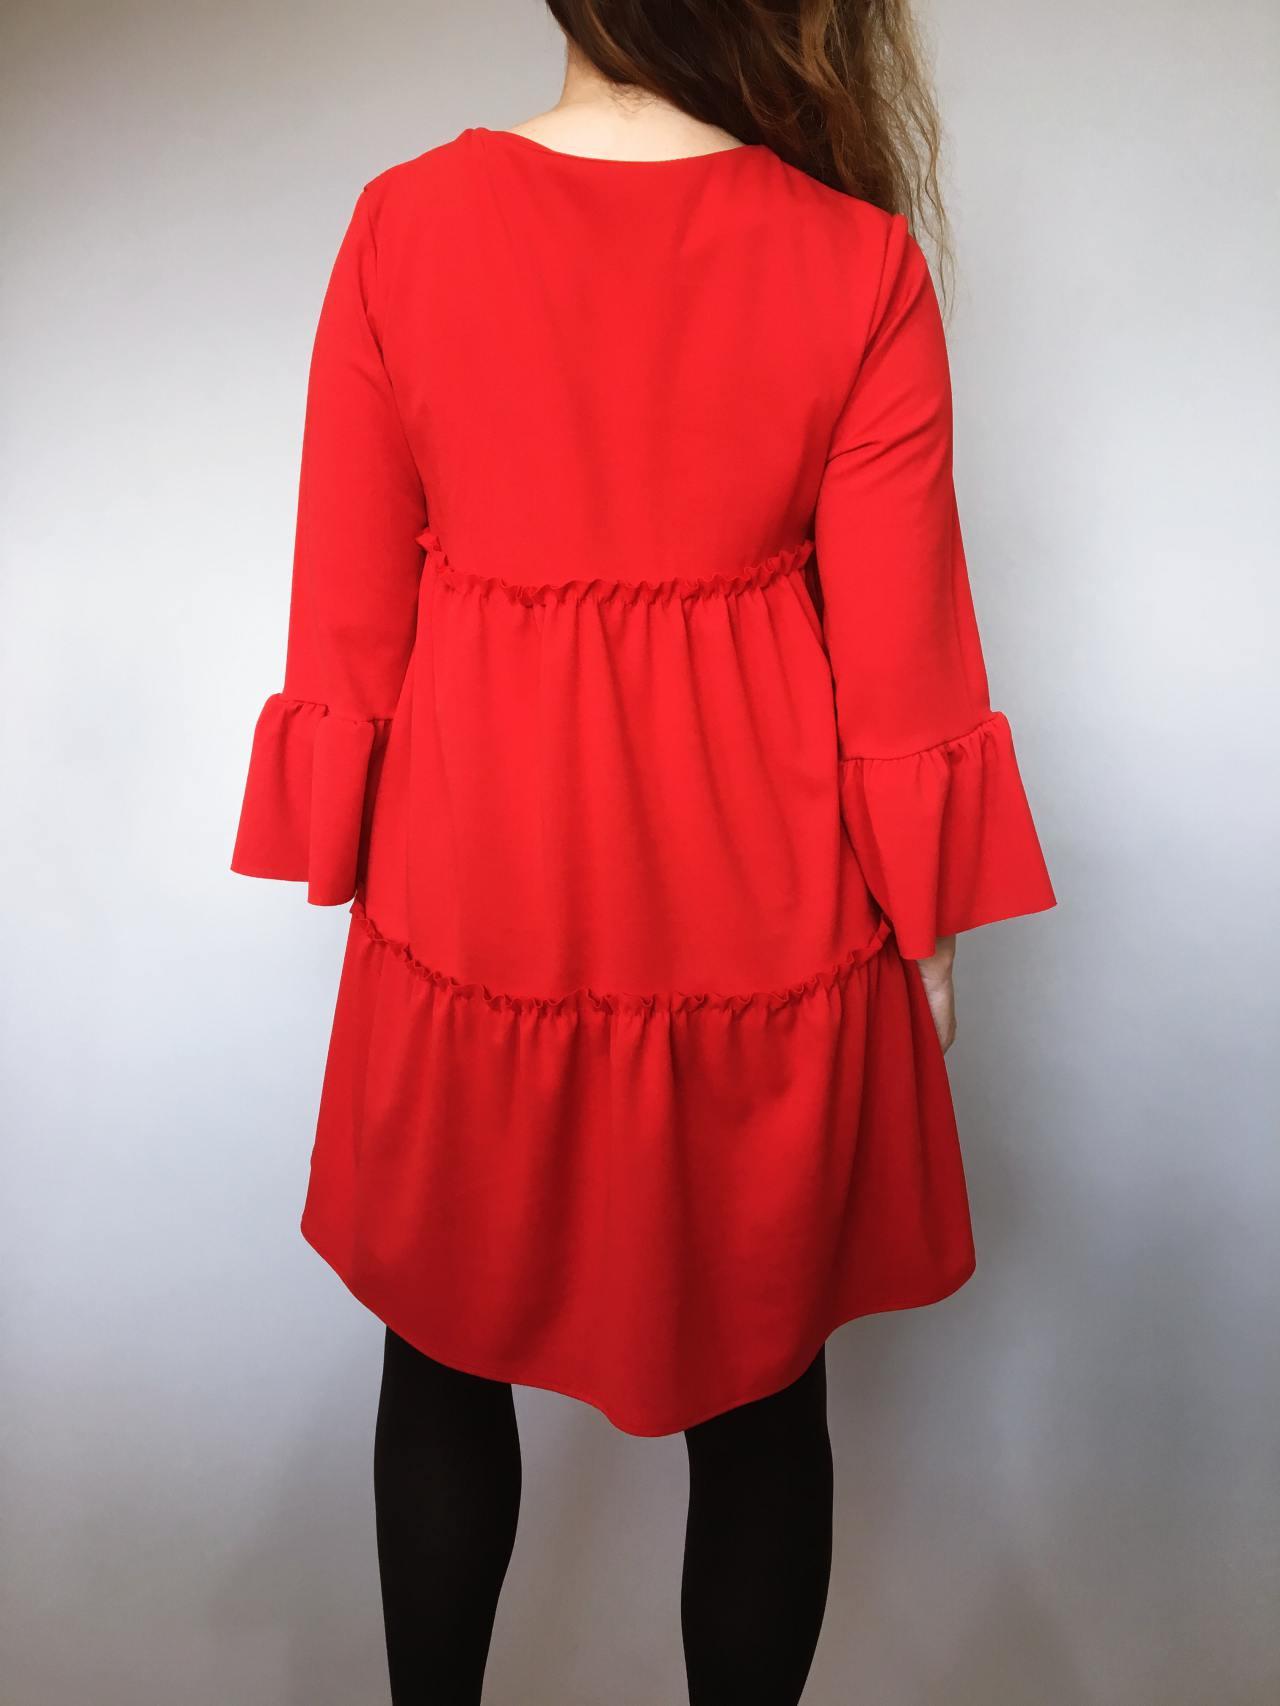 Šaty Scarlet 04